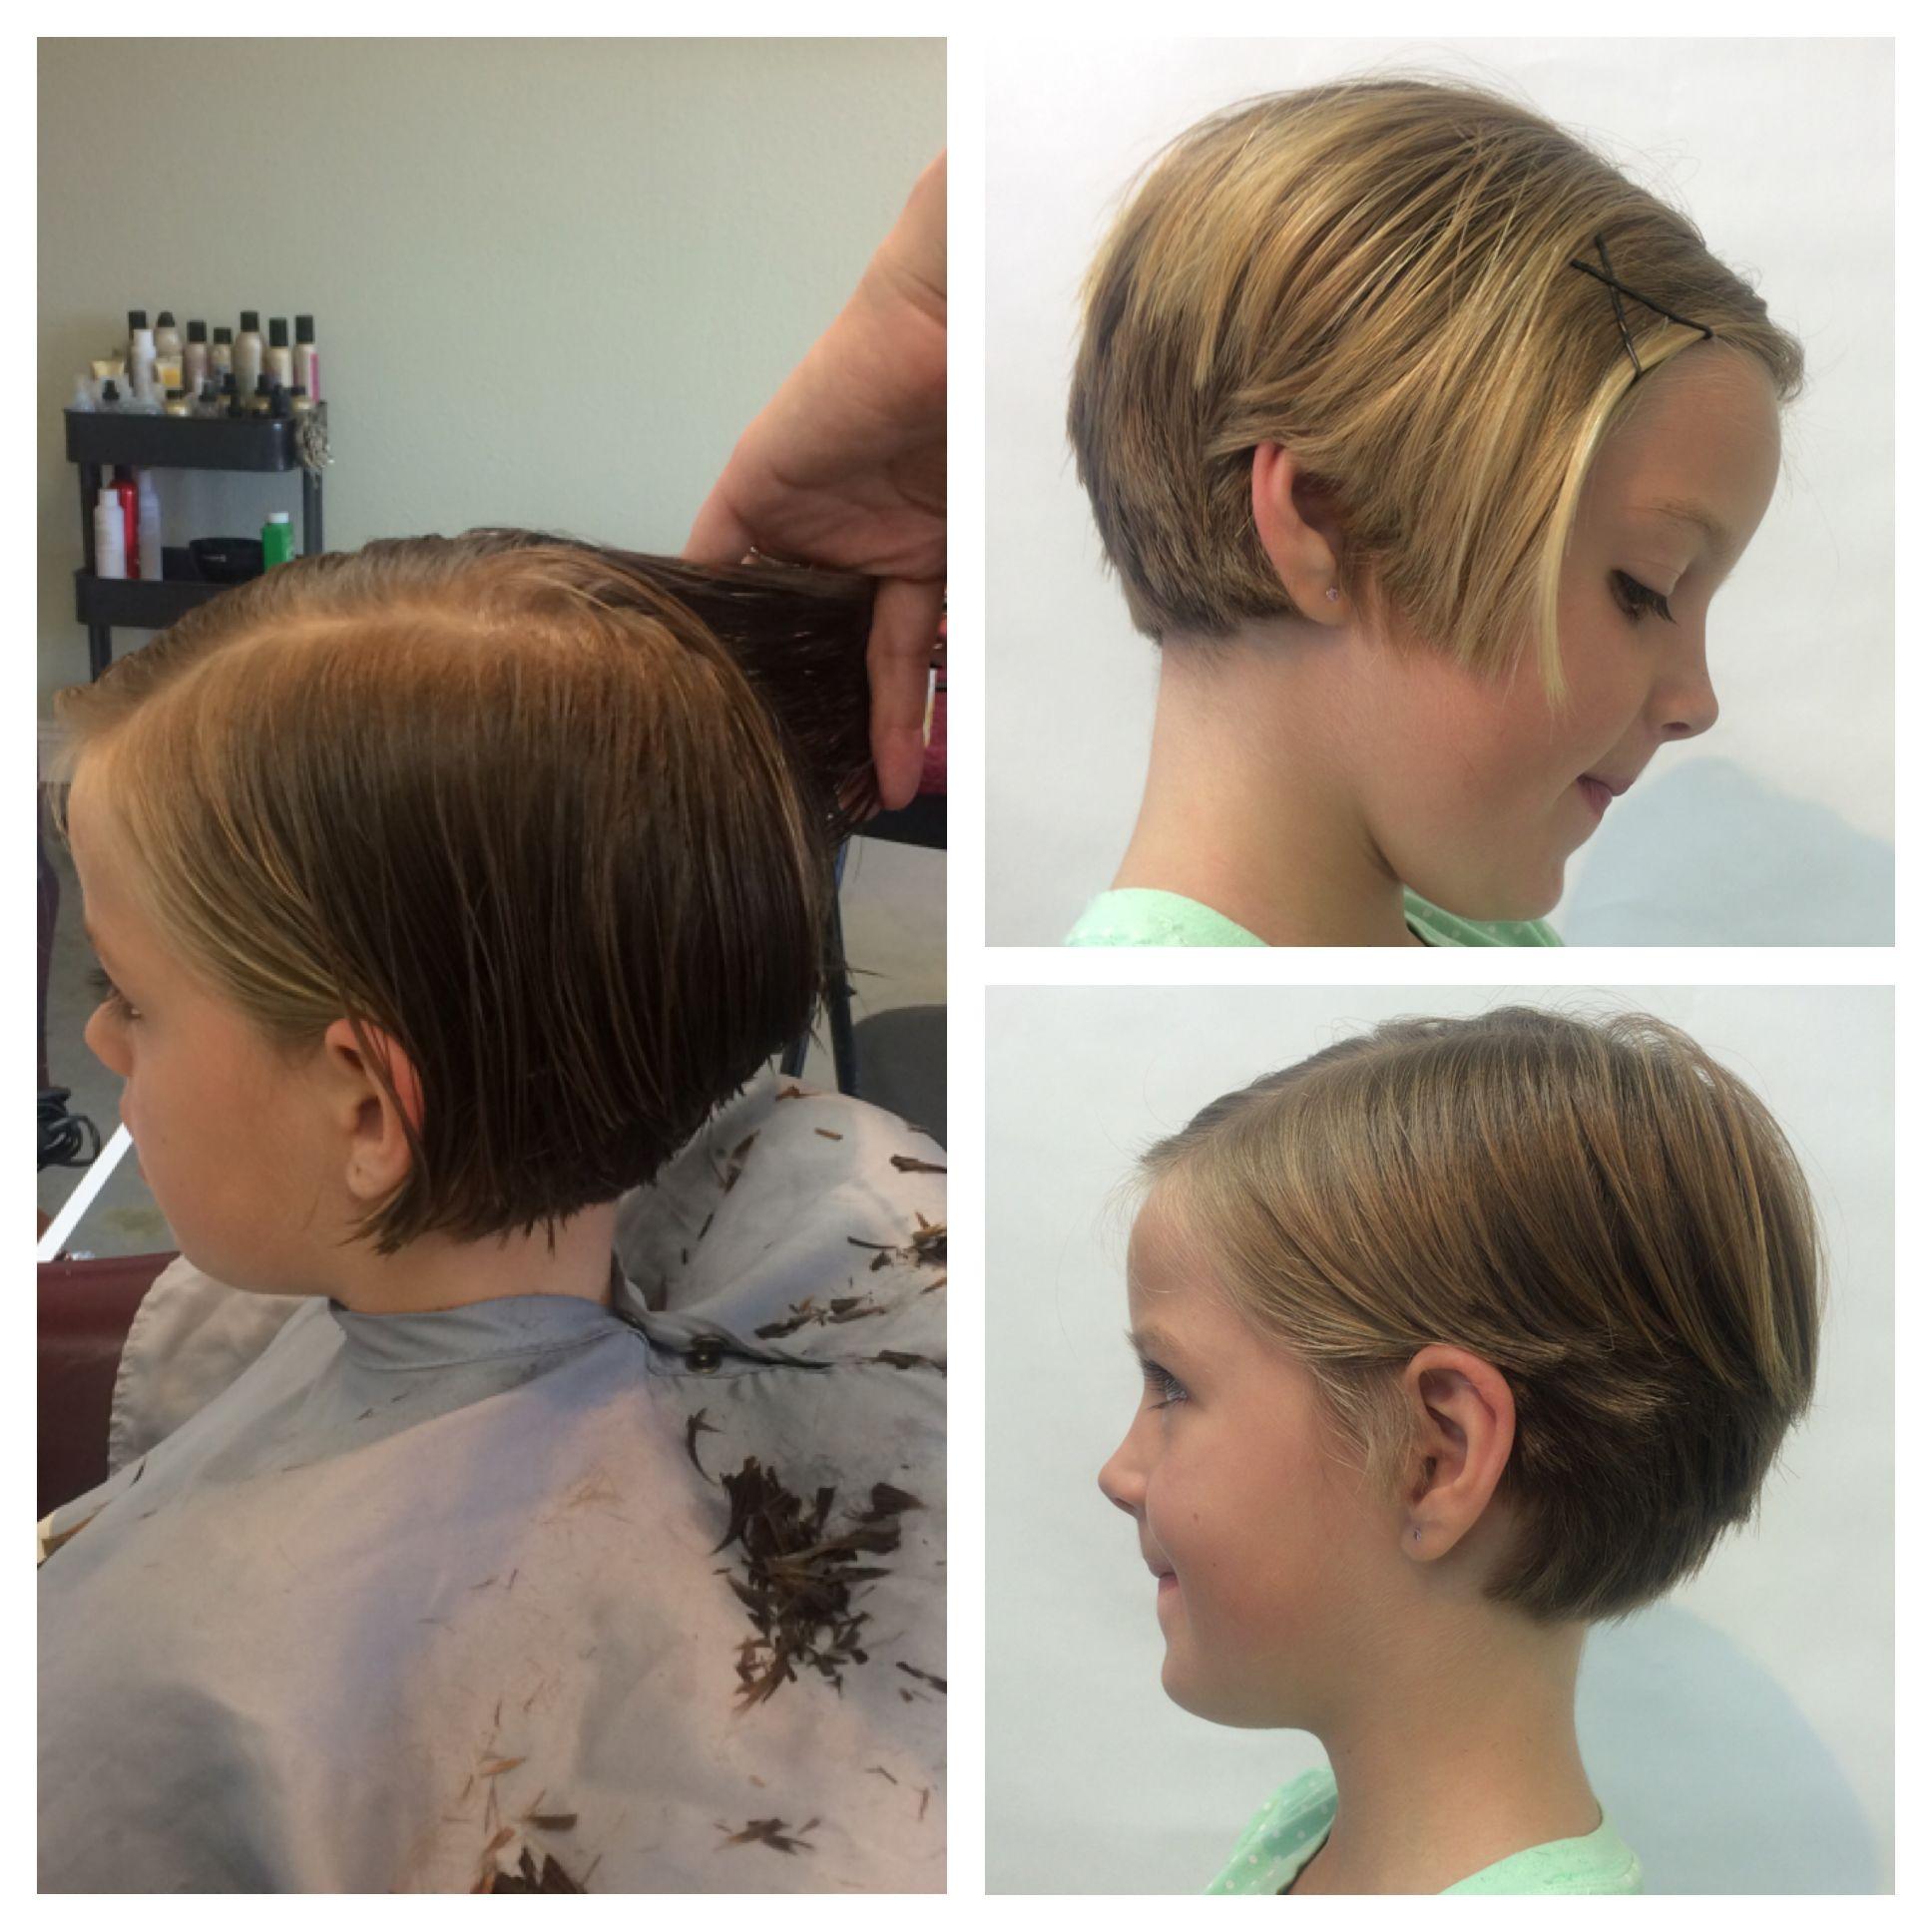 Child pixie hair cut girls pixie hairstyle cute short hair by nicole